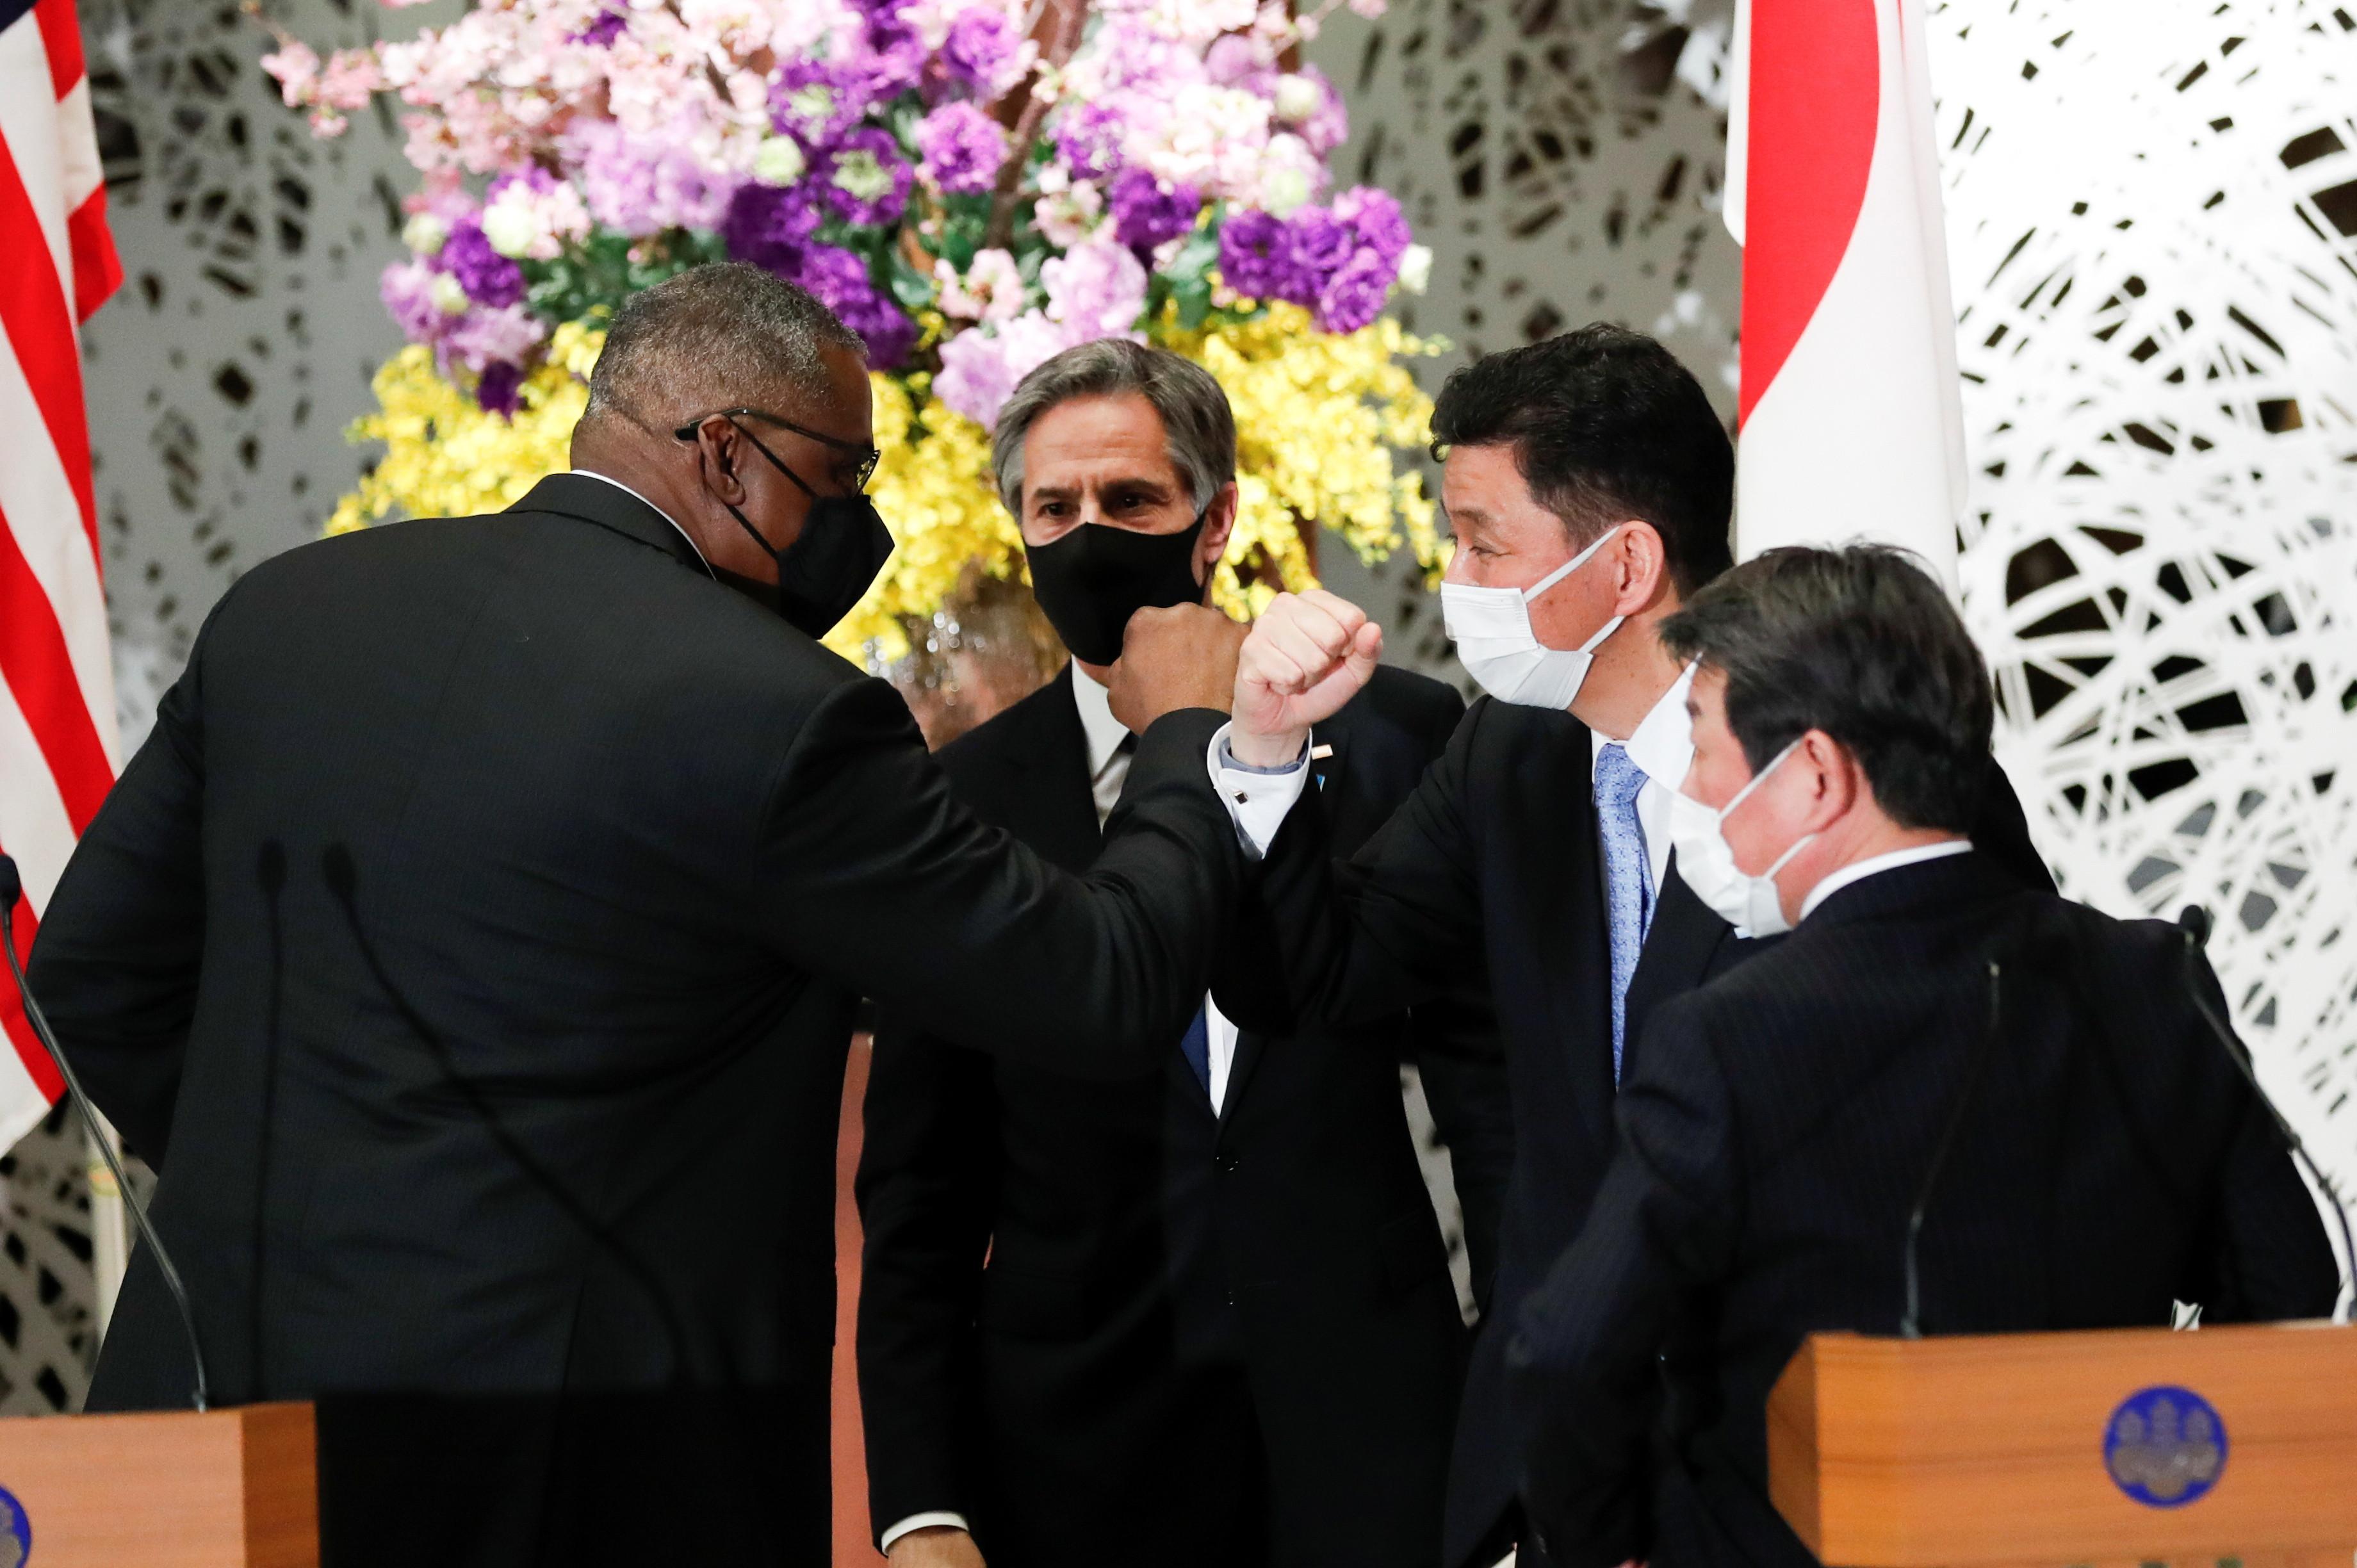 ▲▼美日雙方在台灣海峽和平安定的重要性上達成共識。(圖/路透社)